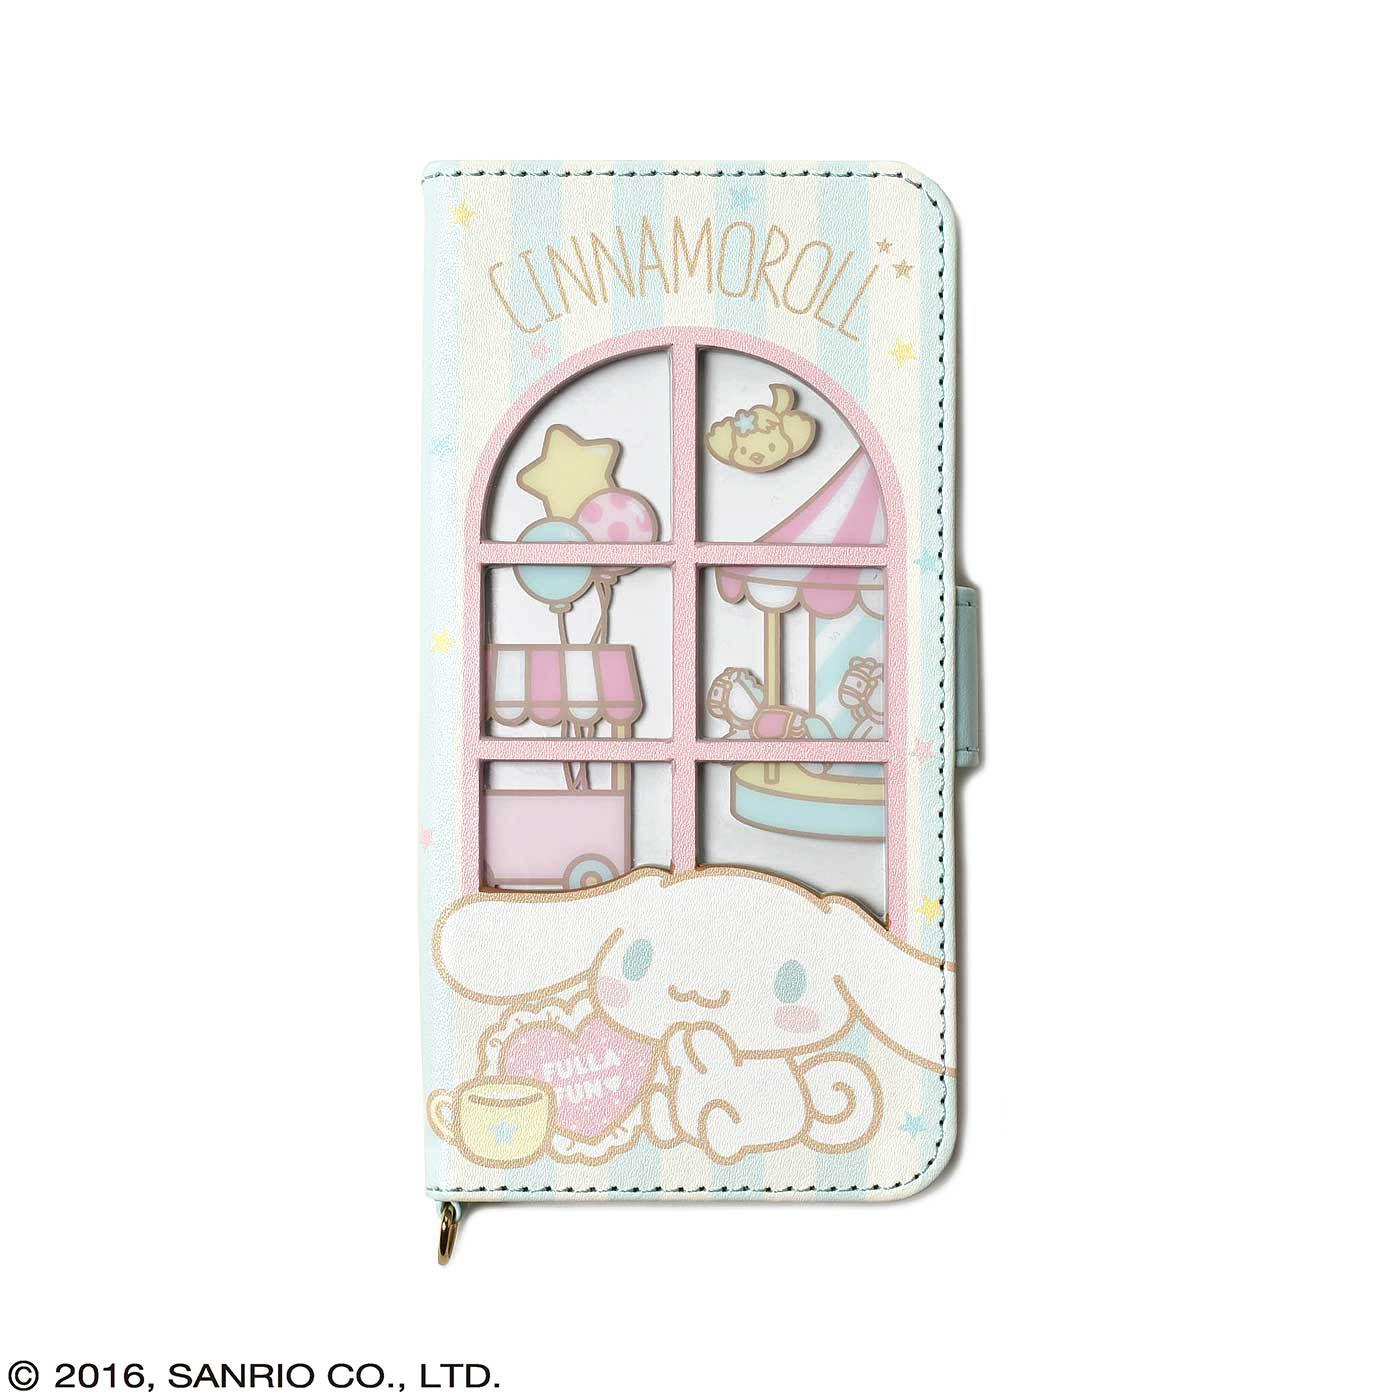 フェリシモ シナモロール 窓付きiPhone 6s/6ケース